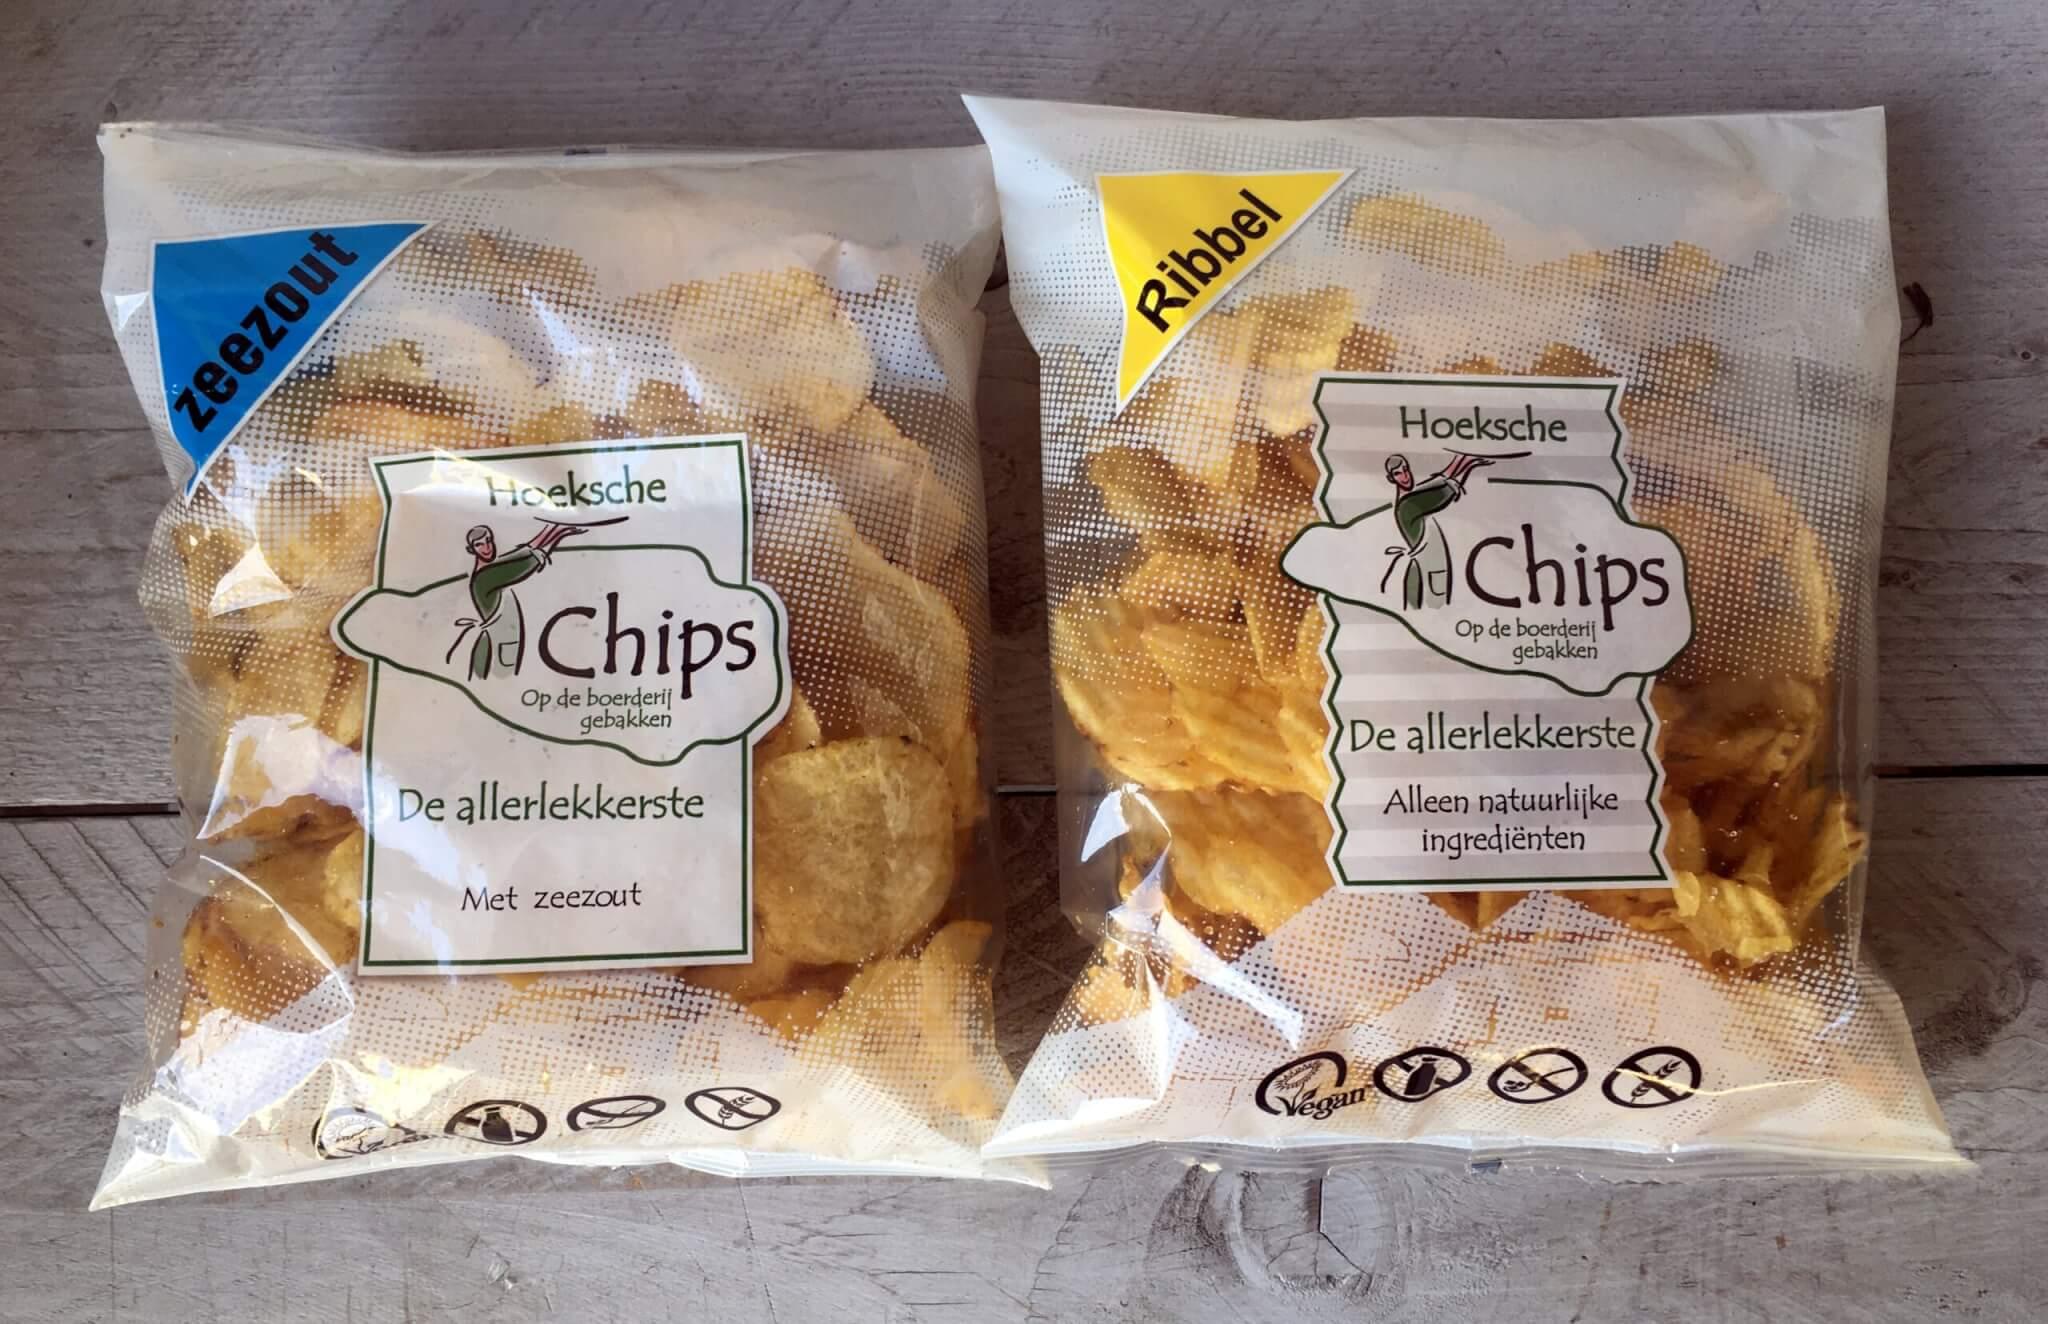 Fruitbedrijf Van den Berge Hoeksche Chips Zeezout en Ribbel